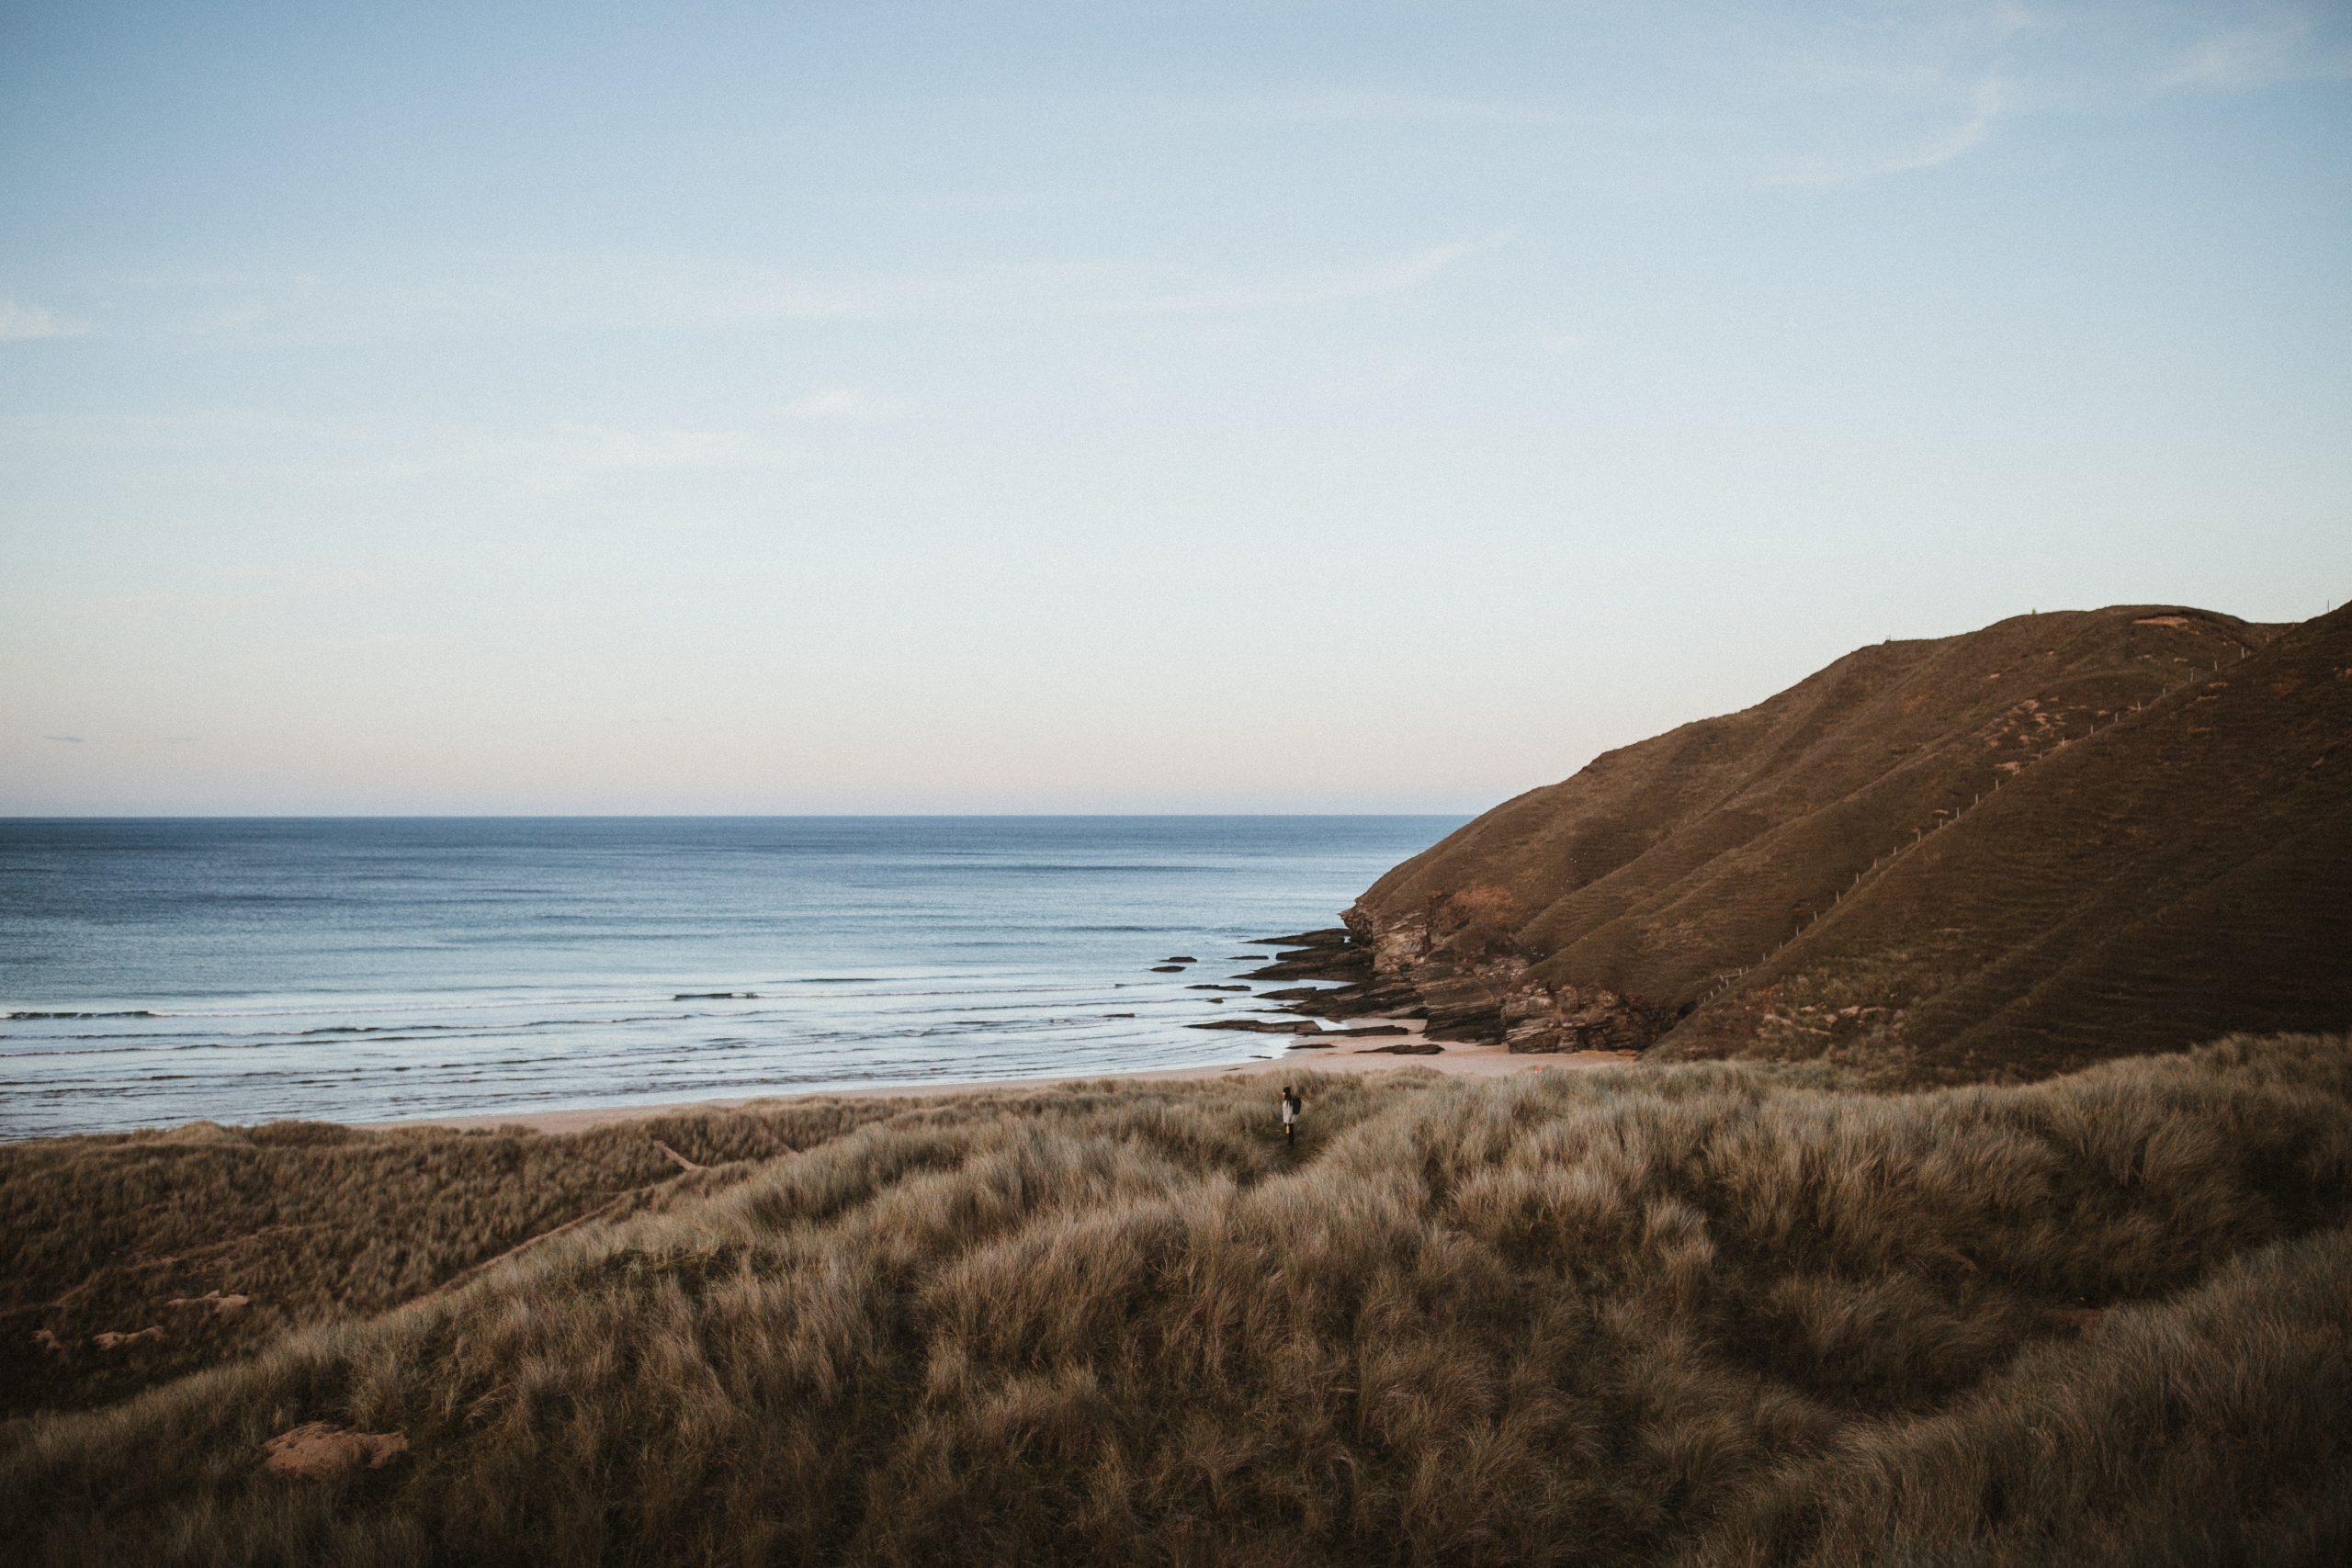 Highlands Surf